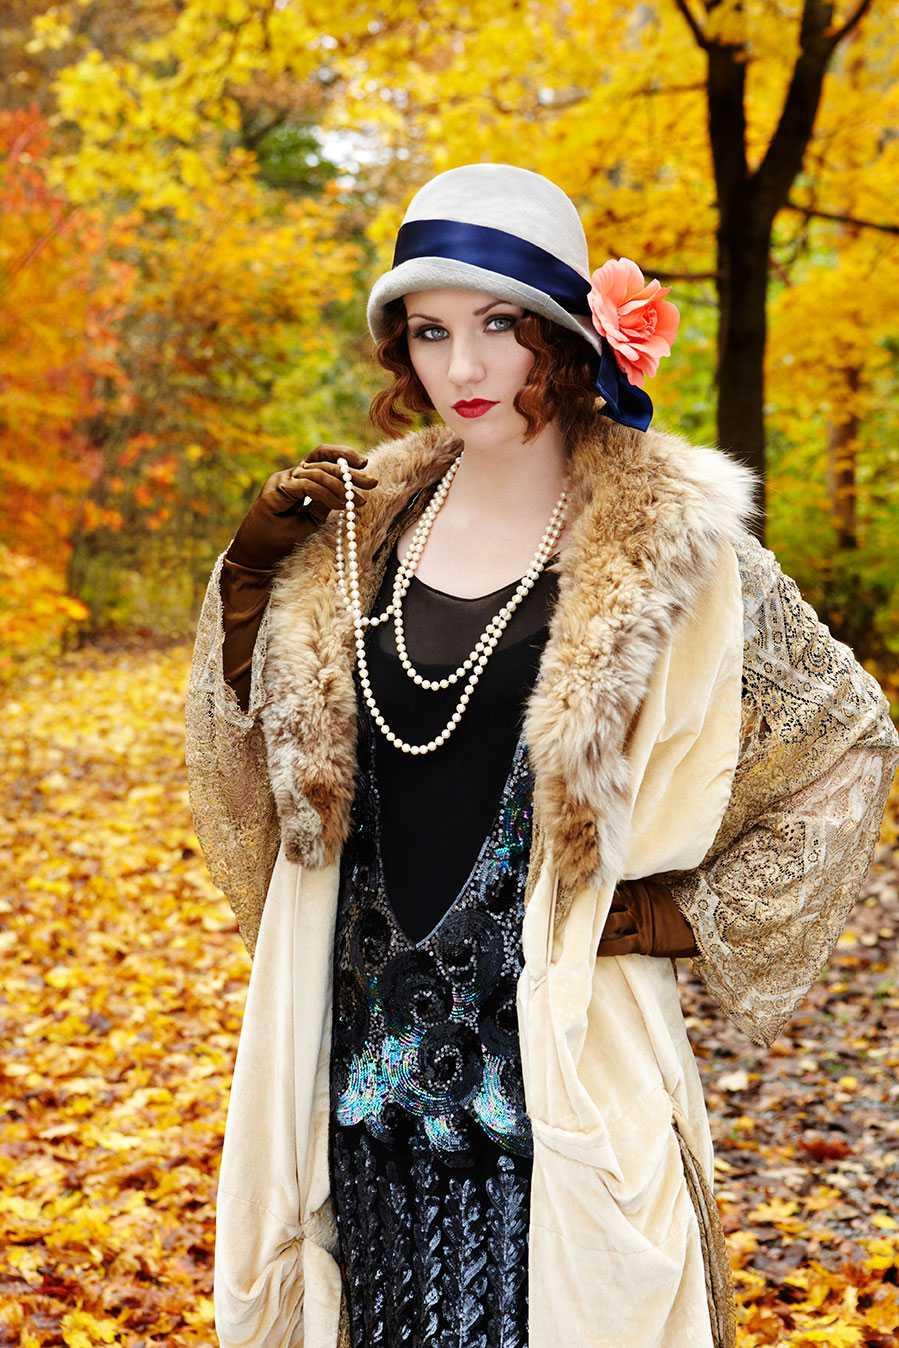 """Oktober: Moa Lignell, artist. """"Det var 1922 och festerna hos Jay Gatsby var verkligen överdådiga, med vild tonic, charleston och paljetter, men nästan ingen kände honom. Själv drömde han om Daisy, förflutenhet och en grön lykta som sakta svängde i vinden. Sju år senare kraschade Wall Street."""""""